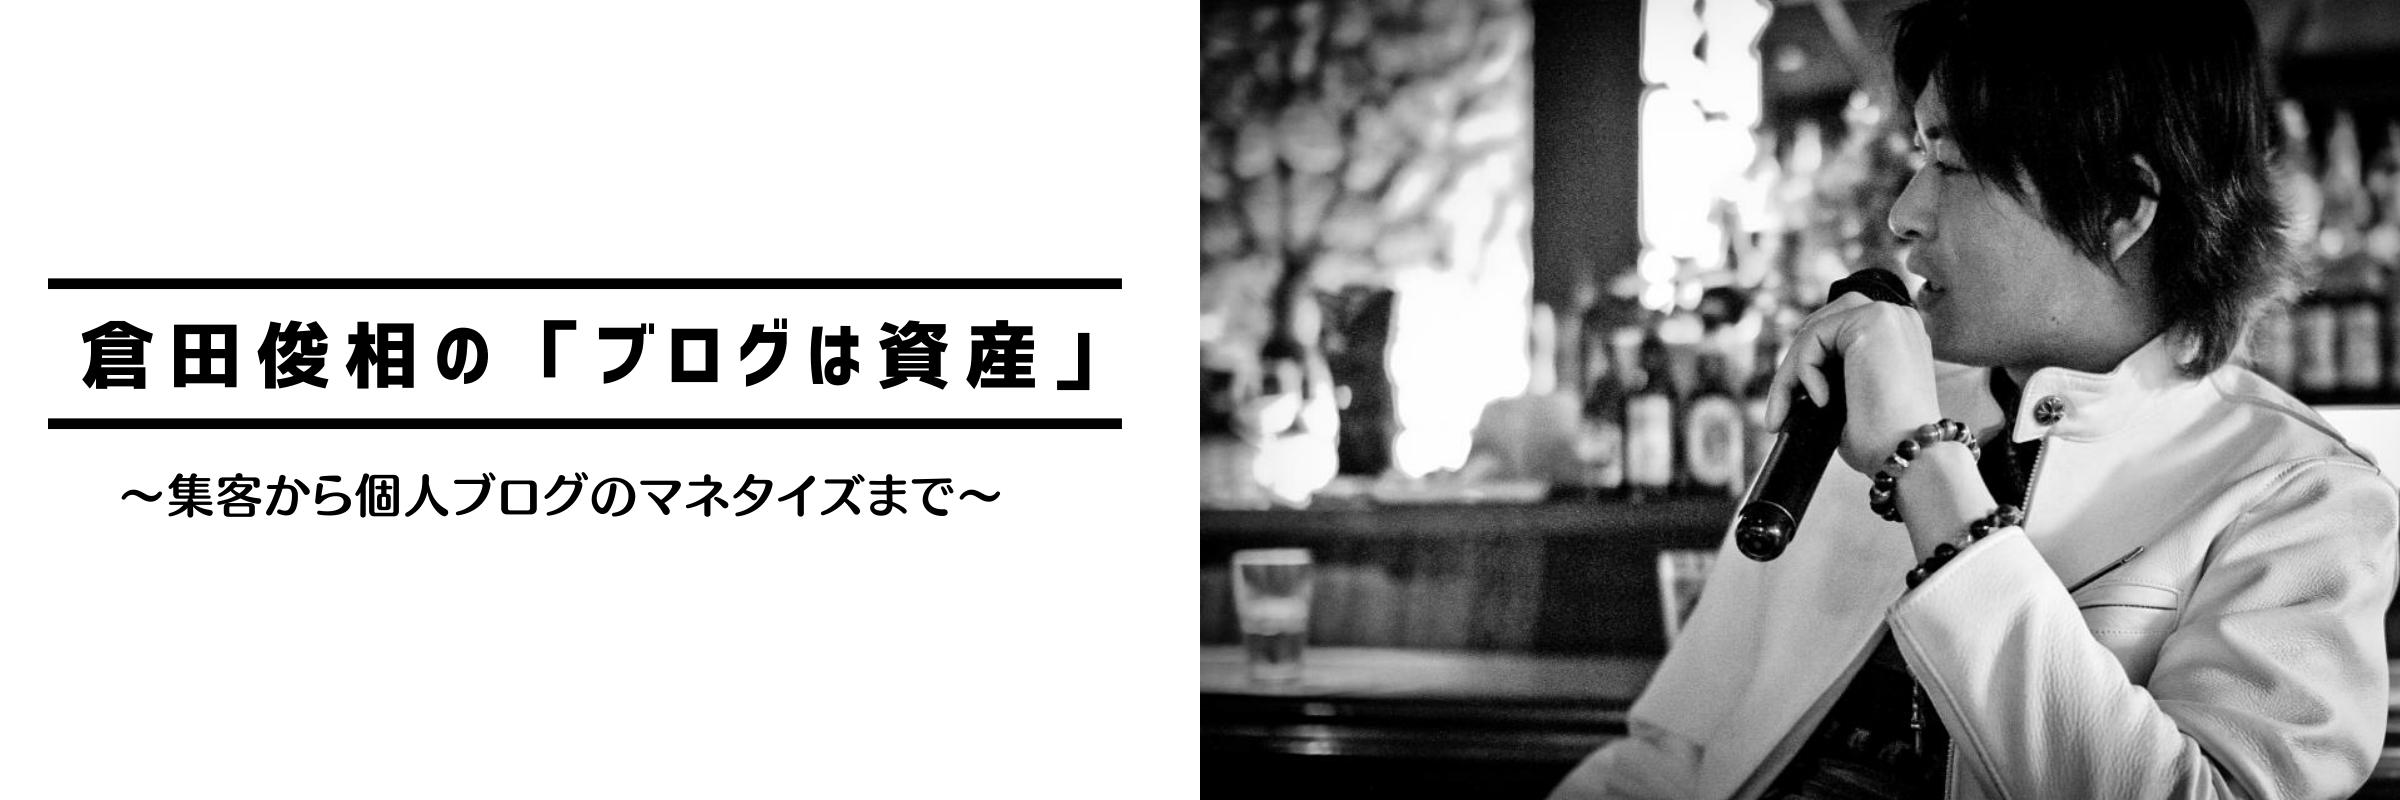 倉田俊相の公式ブログ